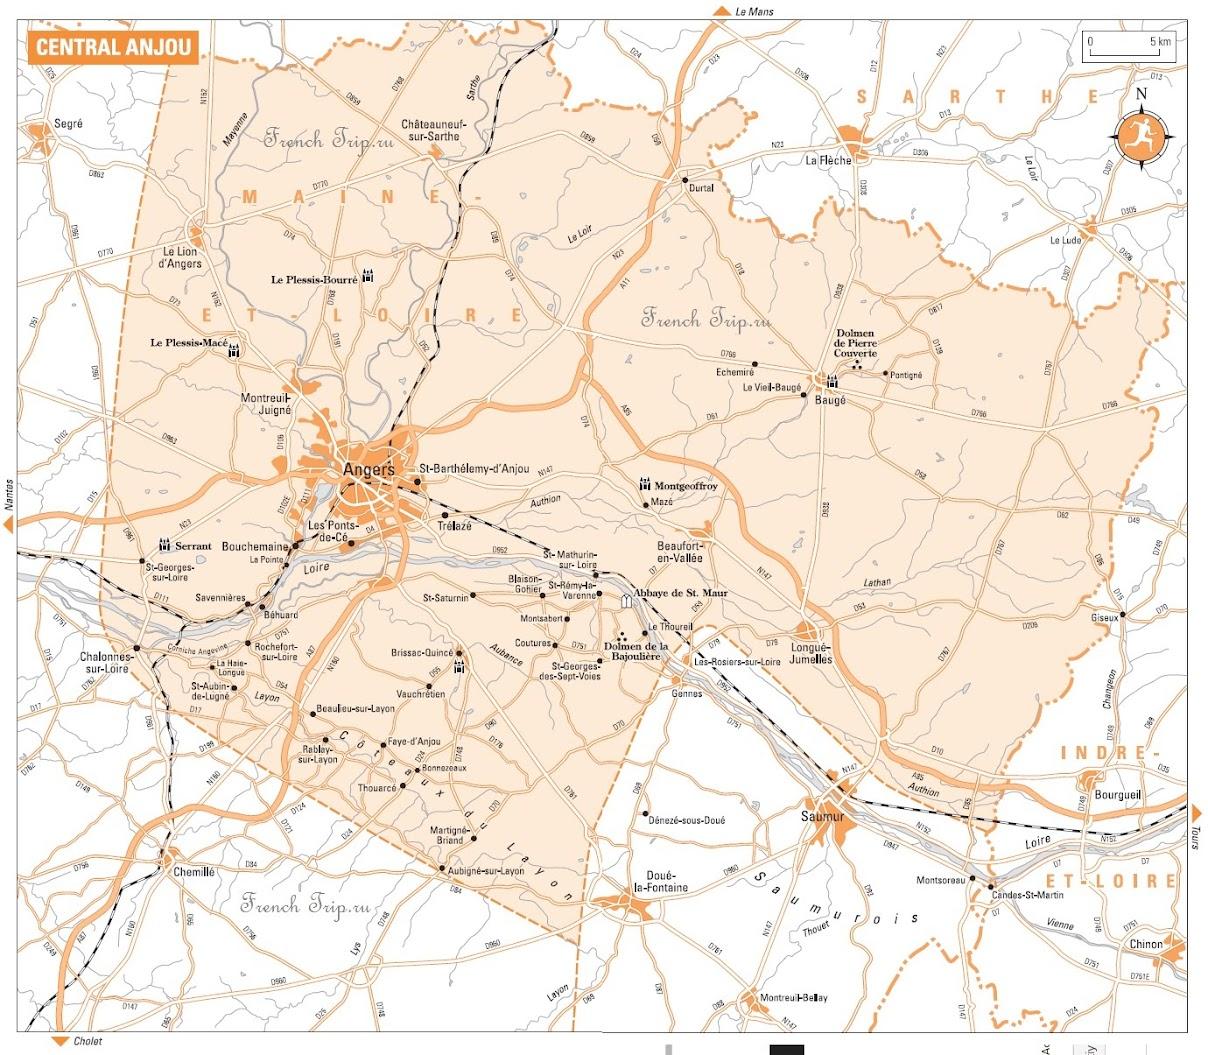 Карта региона Анжу